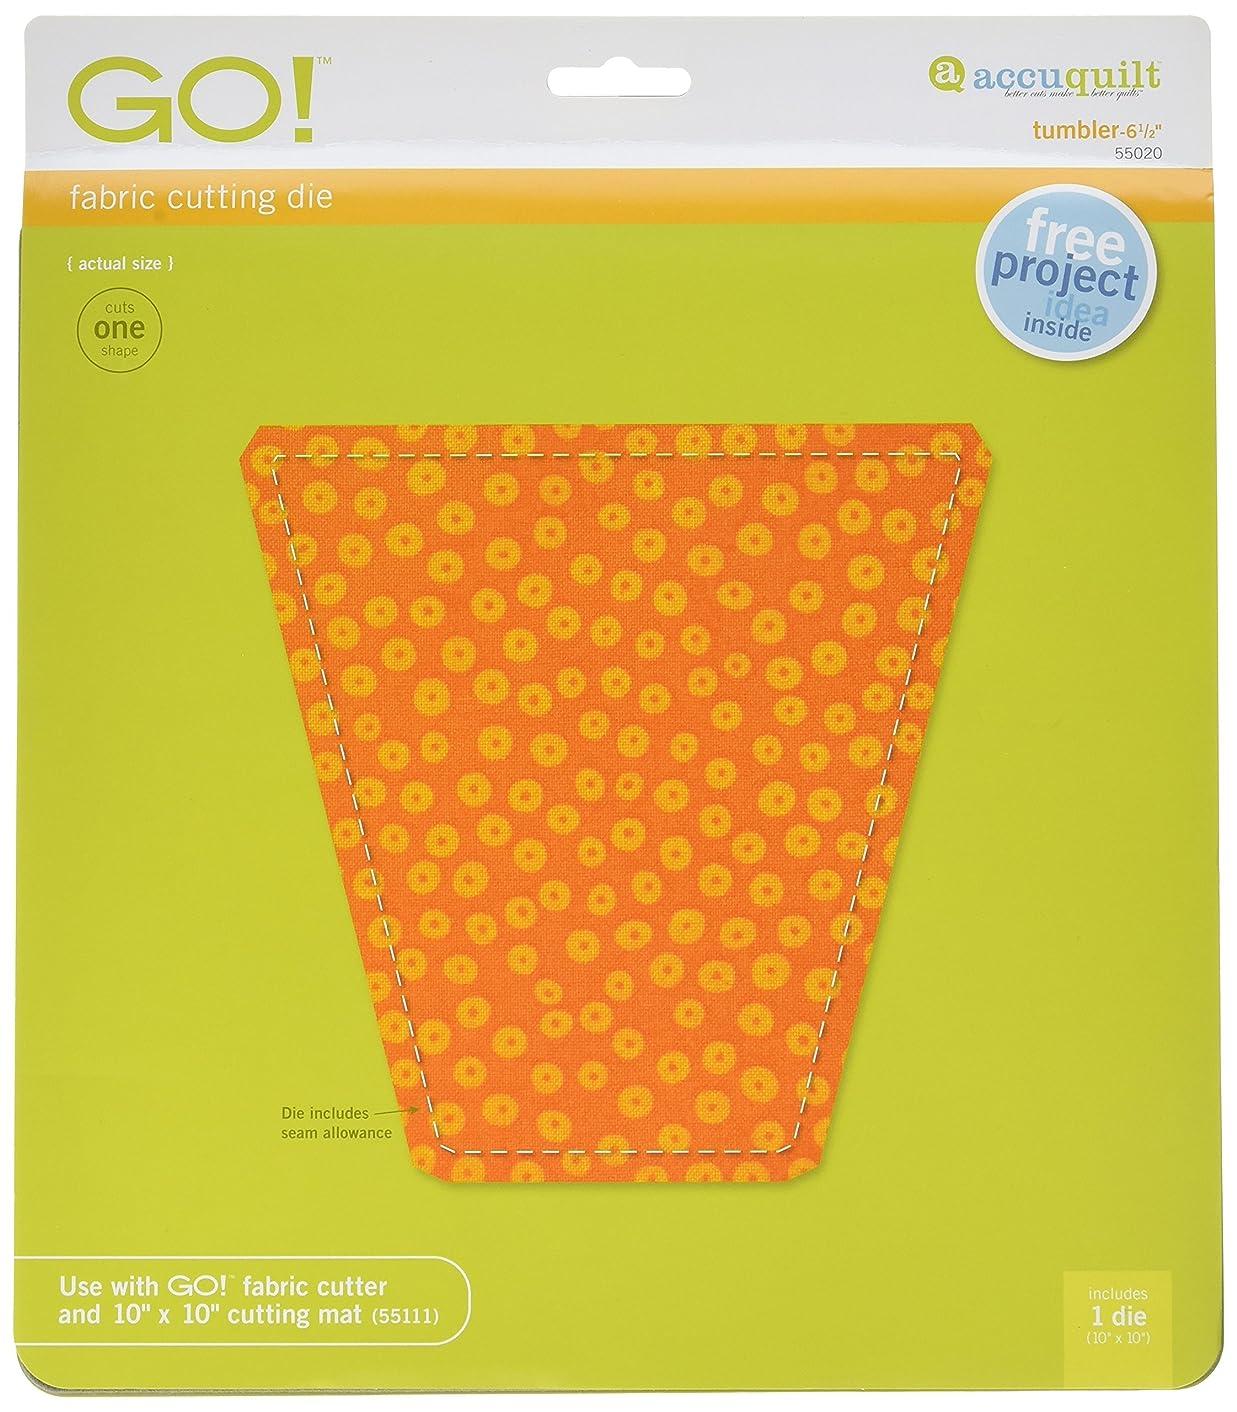 AccuQuilt GO! Fabric Cutting Dies; 6-1/2 inch; Tumbler